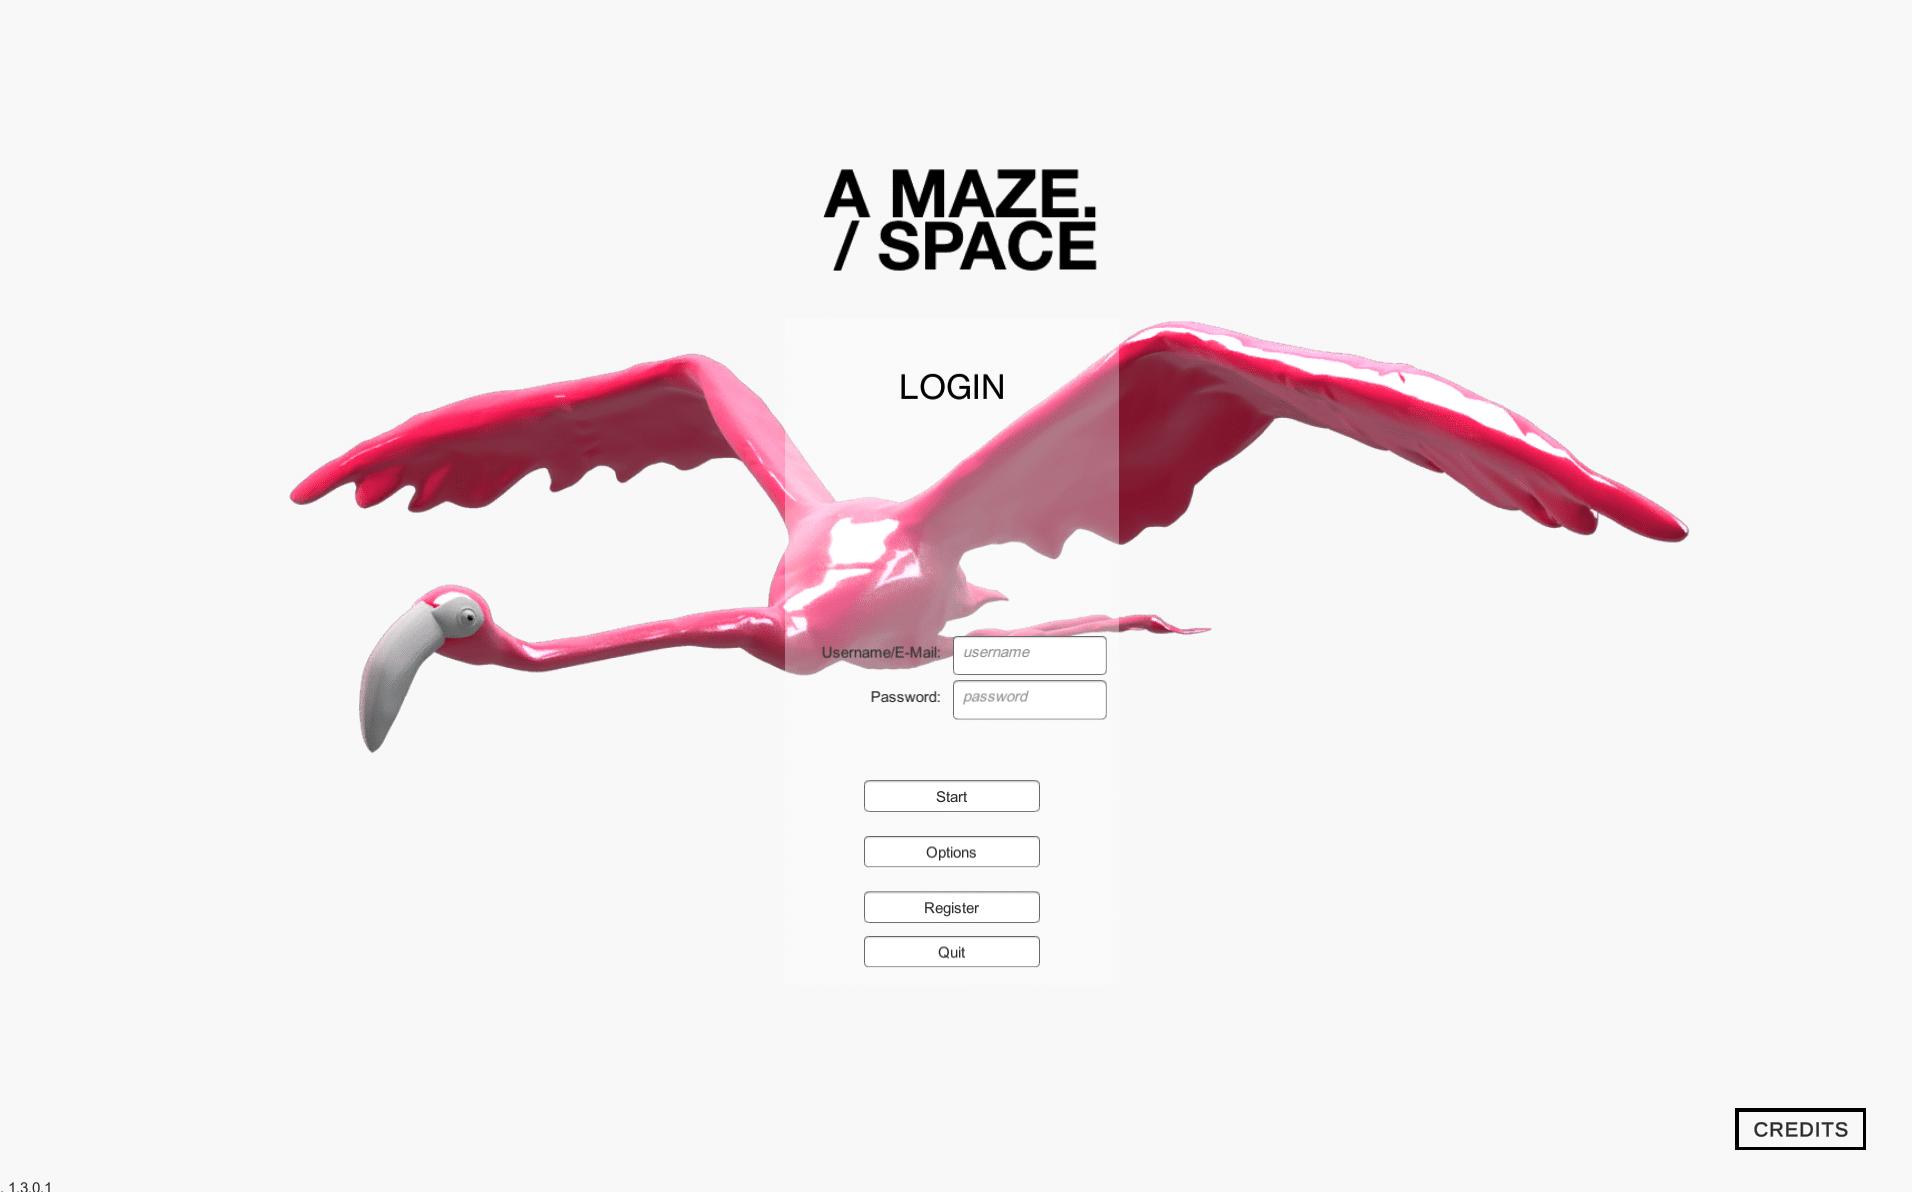 A MAZE. Space Login